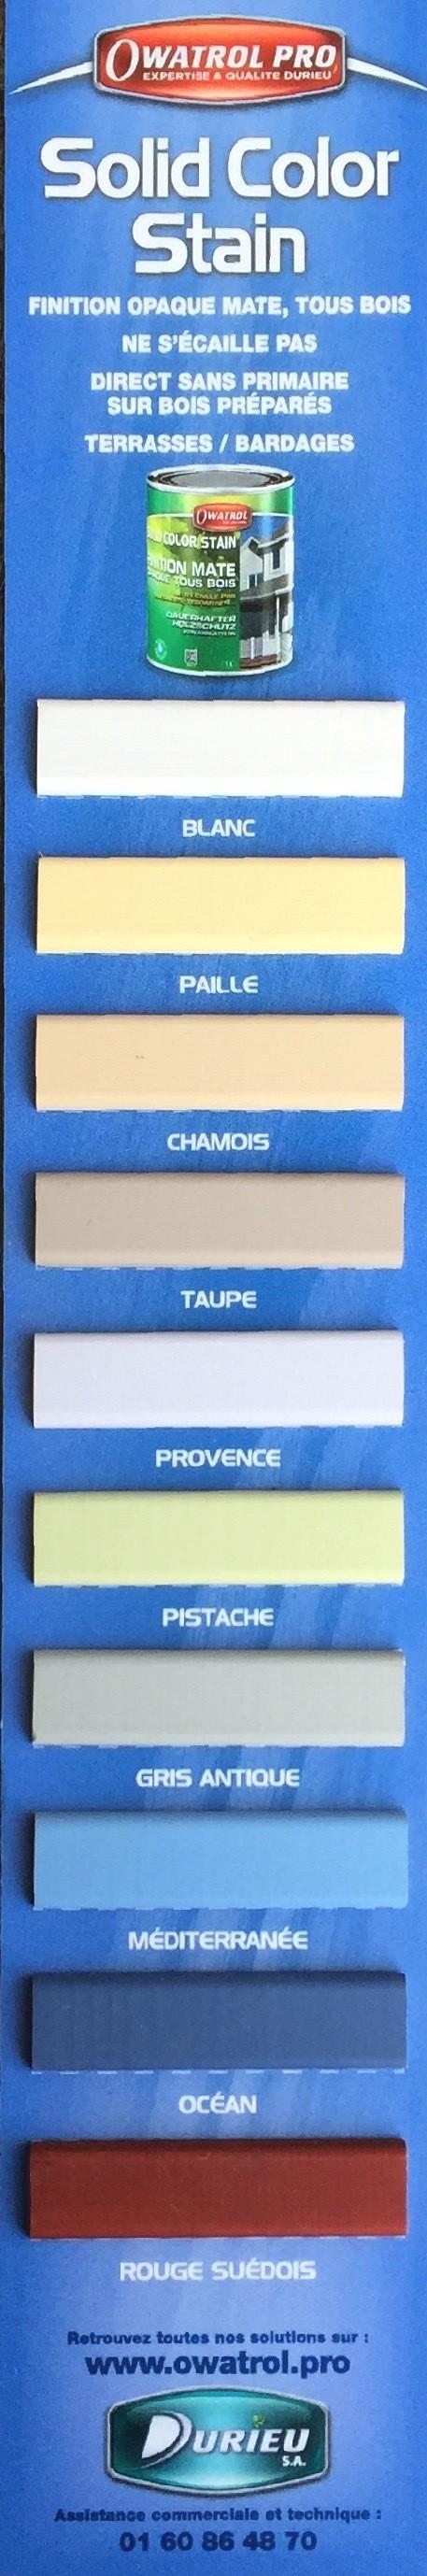 Owatrol DURIEU solid color stain couleur - Voir en grand